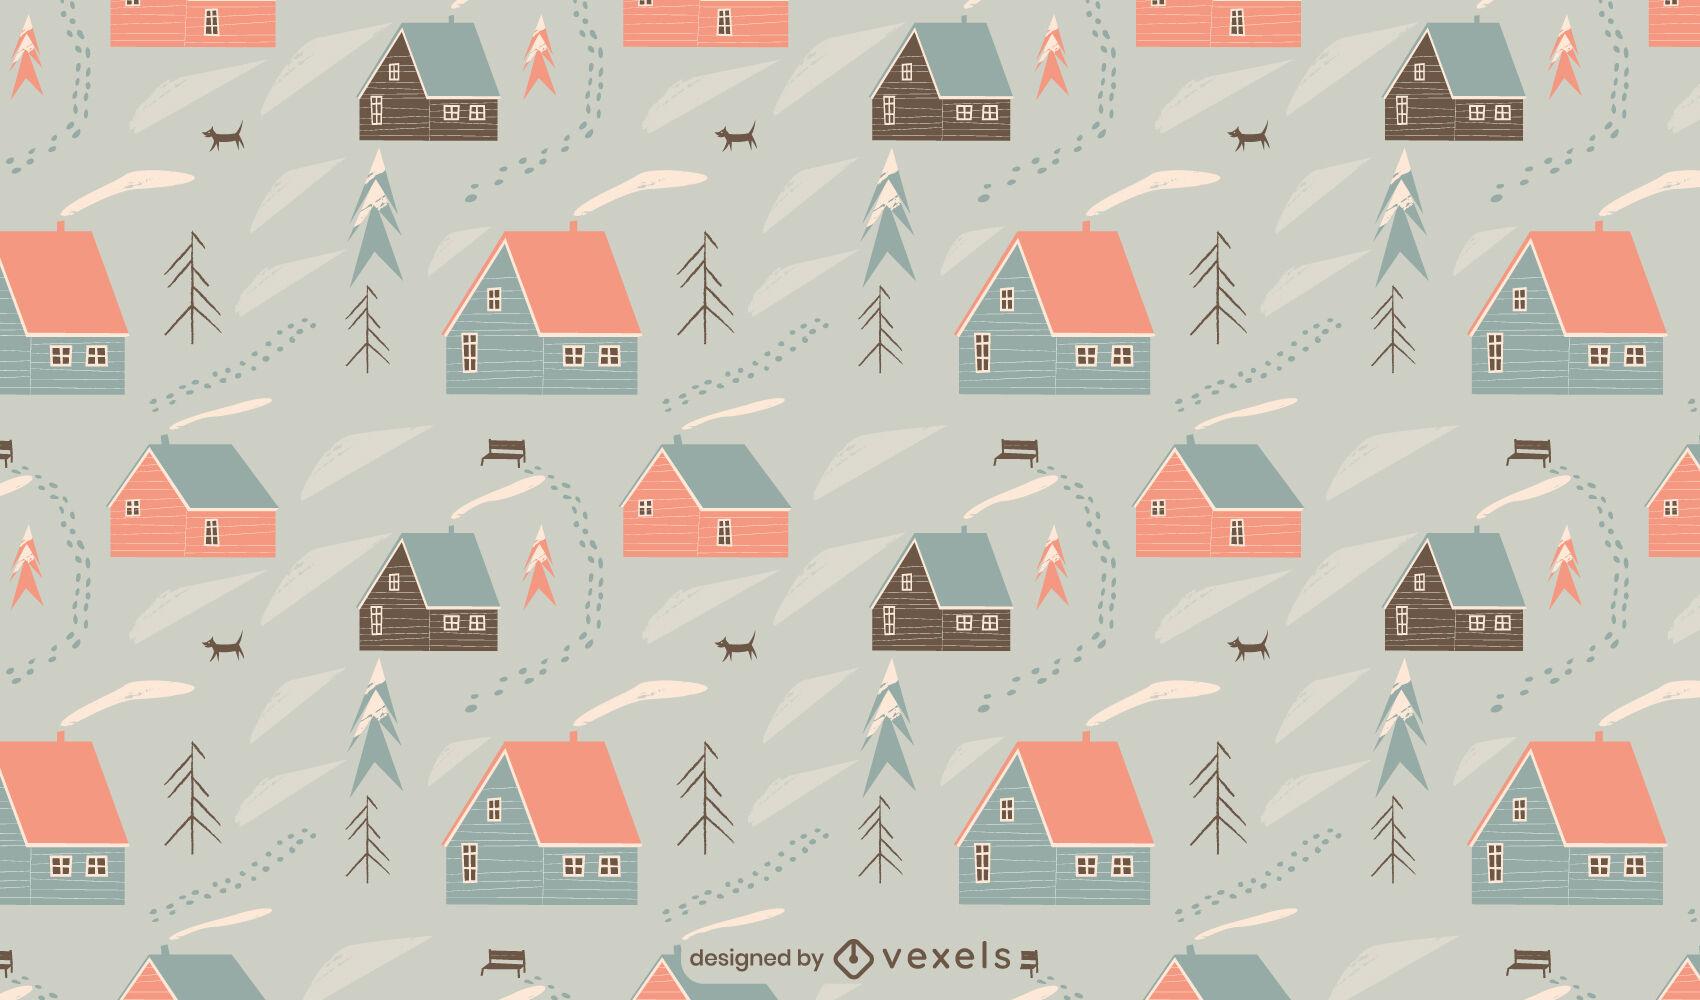 Diseño de patrón de casas de cabaña de temporada de invierno